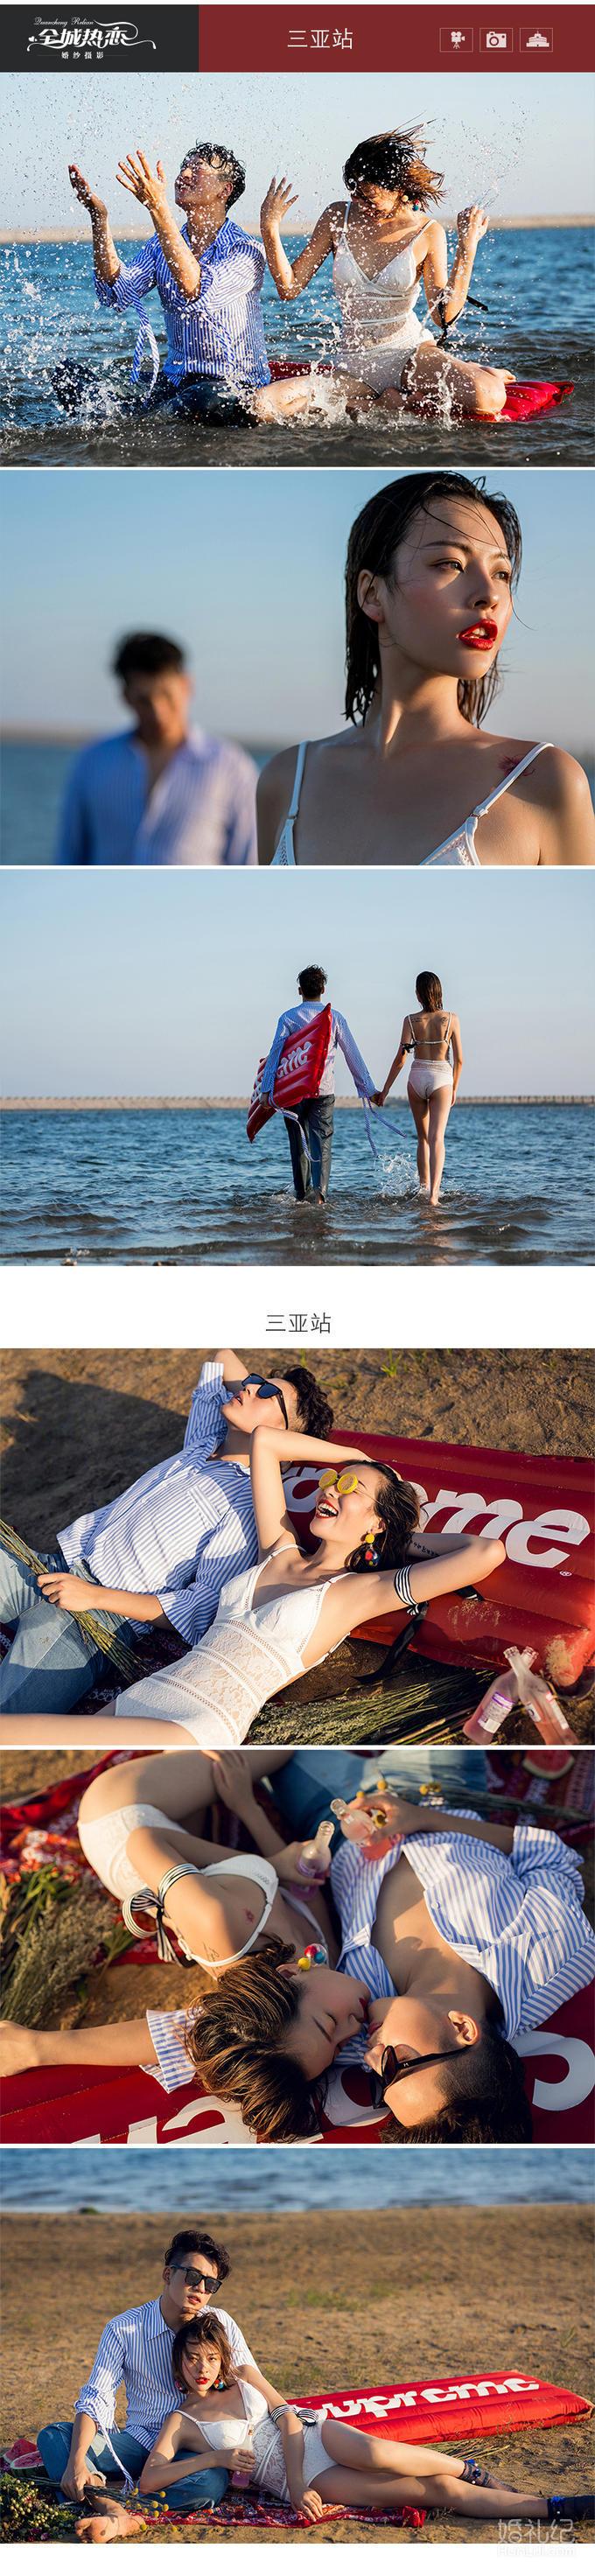 全城热恋婚纱摄影双城拍摄北京丽江三亚厦门大理团购